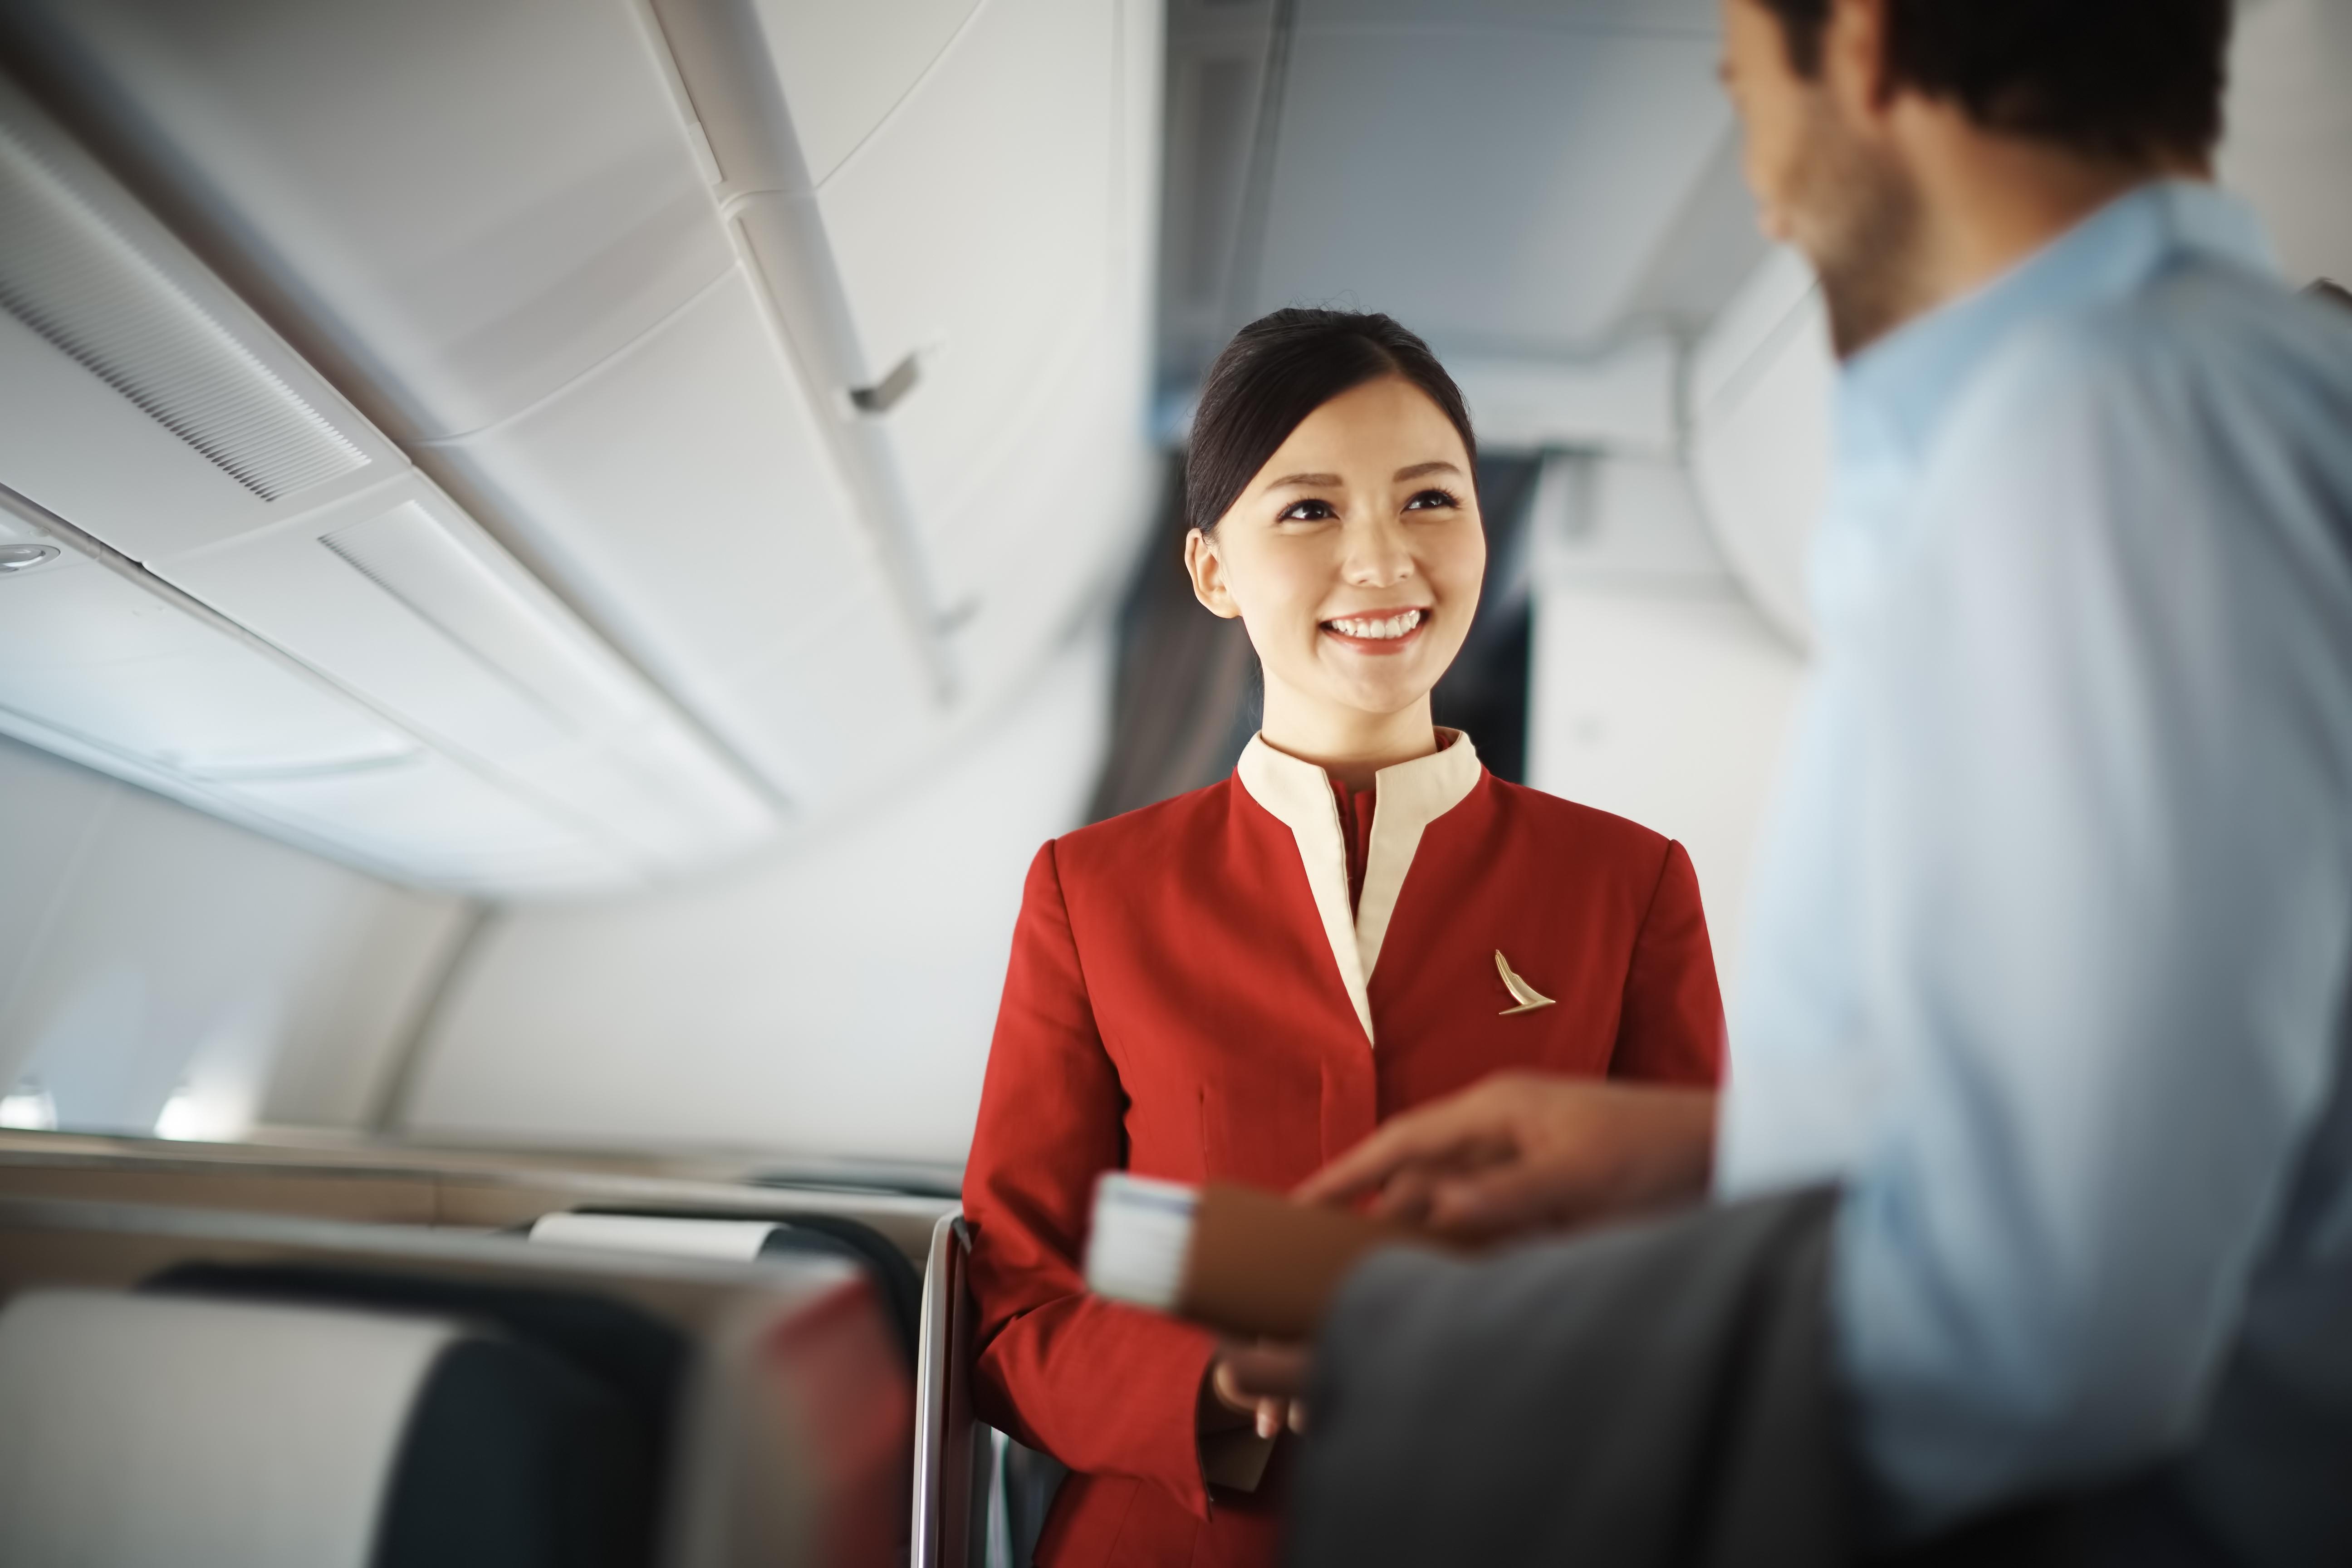 Med overvågningskameraer på flyene indsamler Cathay Pacific optagelser af, hvad passagererne foretager sig. Flyselskabet garanterer, at det passer godt på optagelserne. Pressearkivfoto fra Cathay Pacific.